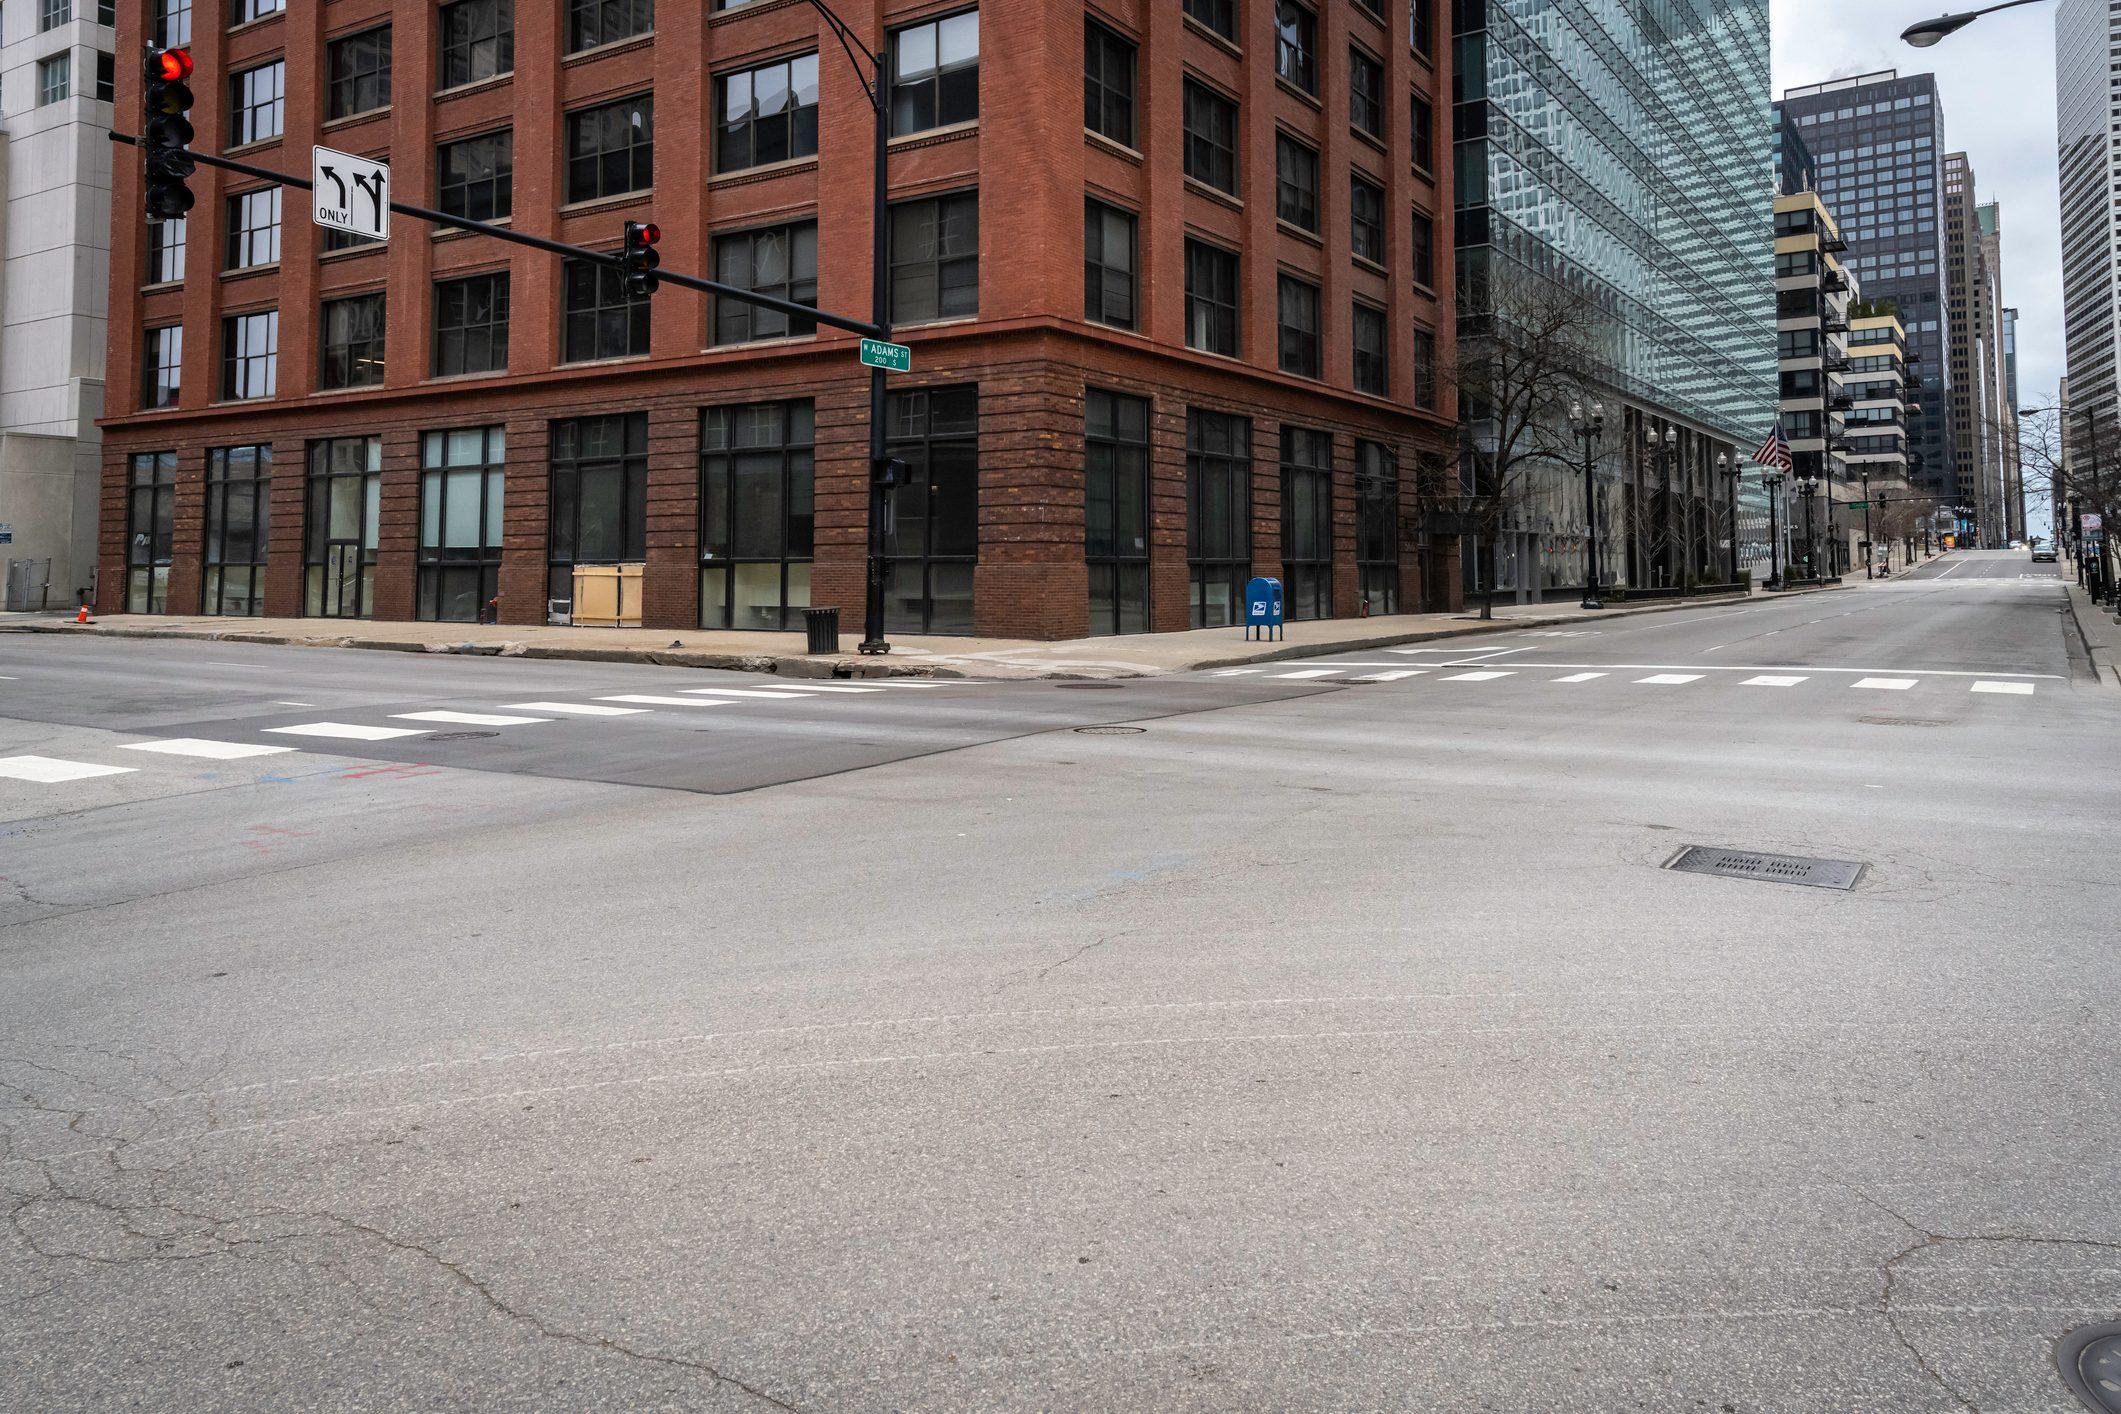 Deserted Chicago